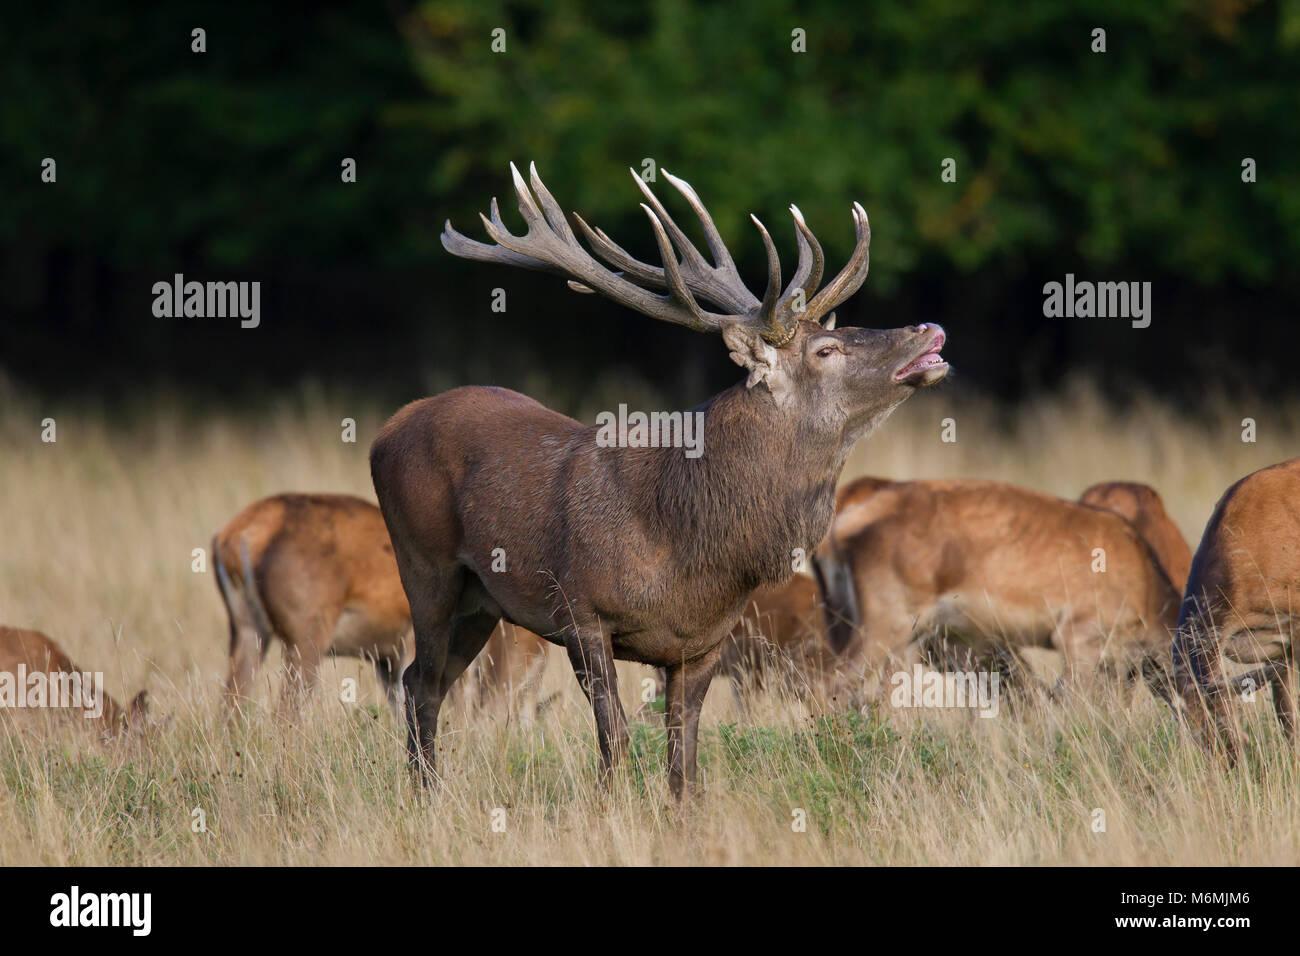 Ciervo rojo (Cervus elaphus) ciervas y stag exhibiendo la respuesta flehmen por las arrugas de su nariz y levantando sus labios durante la rutina en otoño bosque Foto de stock